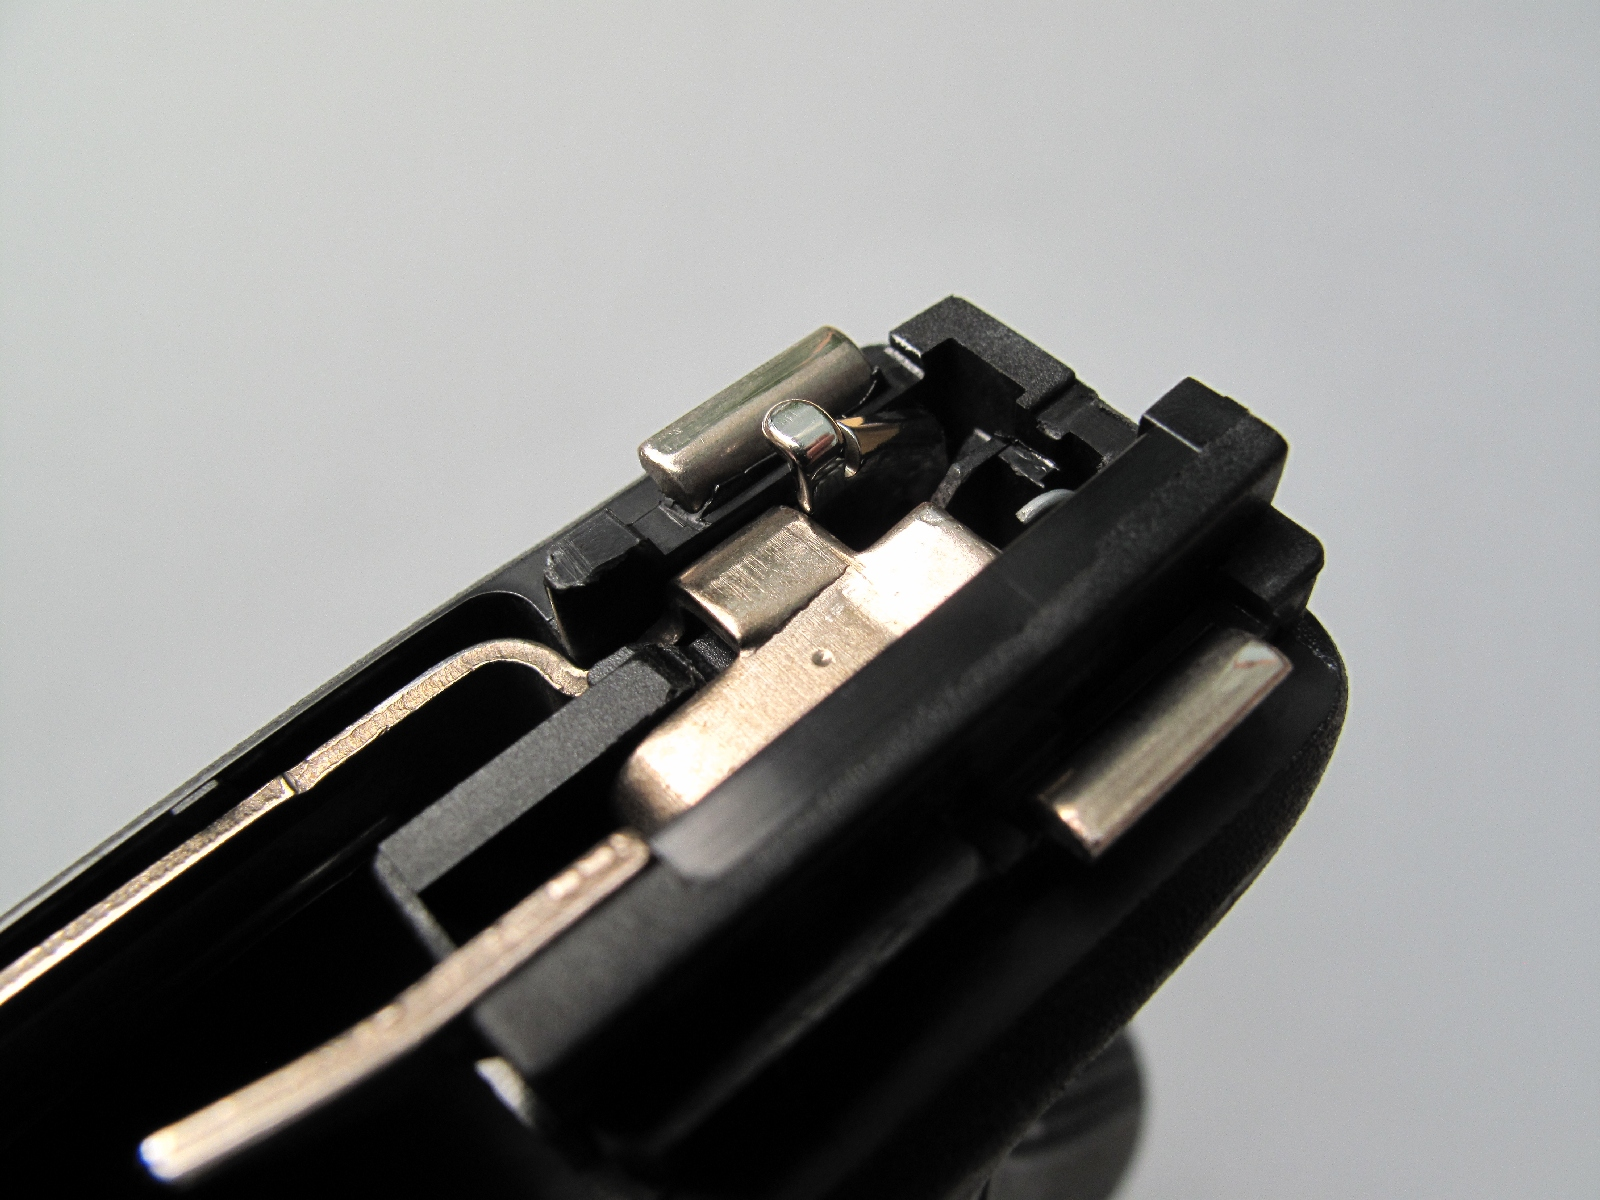 On peut apercevoir ici l'extrémité du connecteur Ghost Edge qui a été installé sur le mécanisme de détente de notre Glock 17.